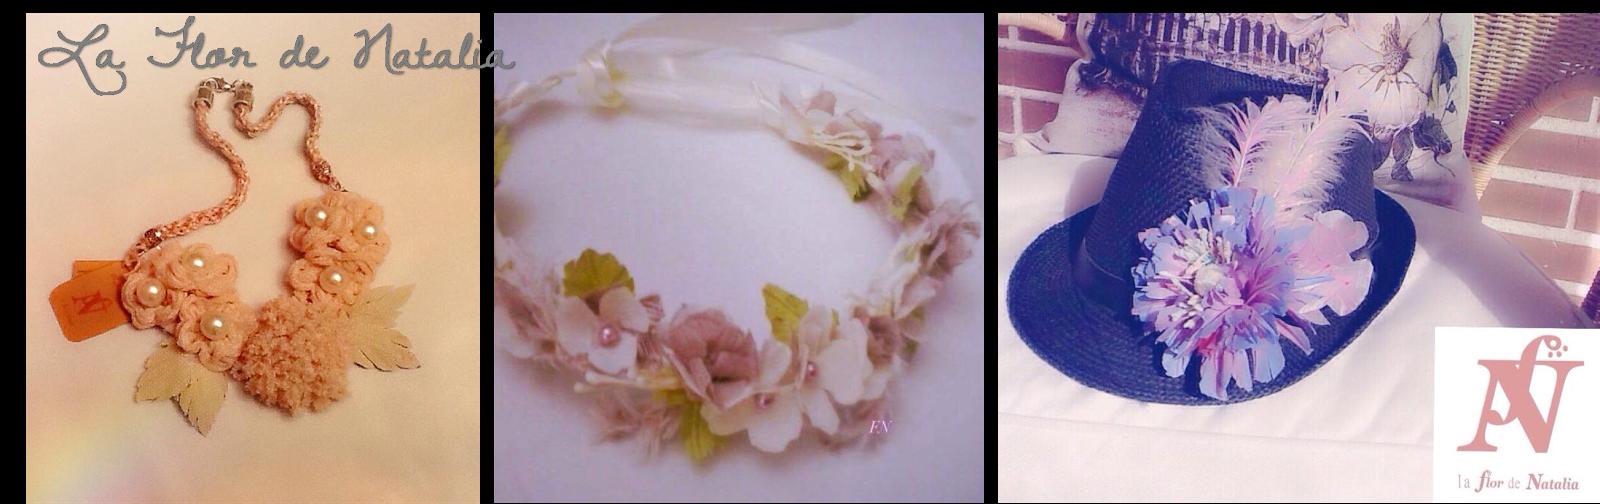 accesorios handmade la flor de Natalia